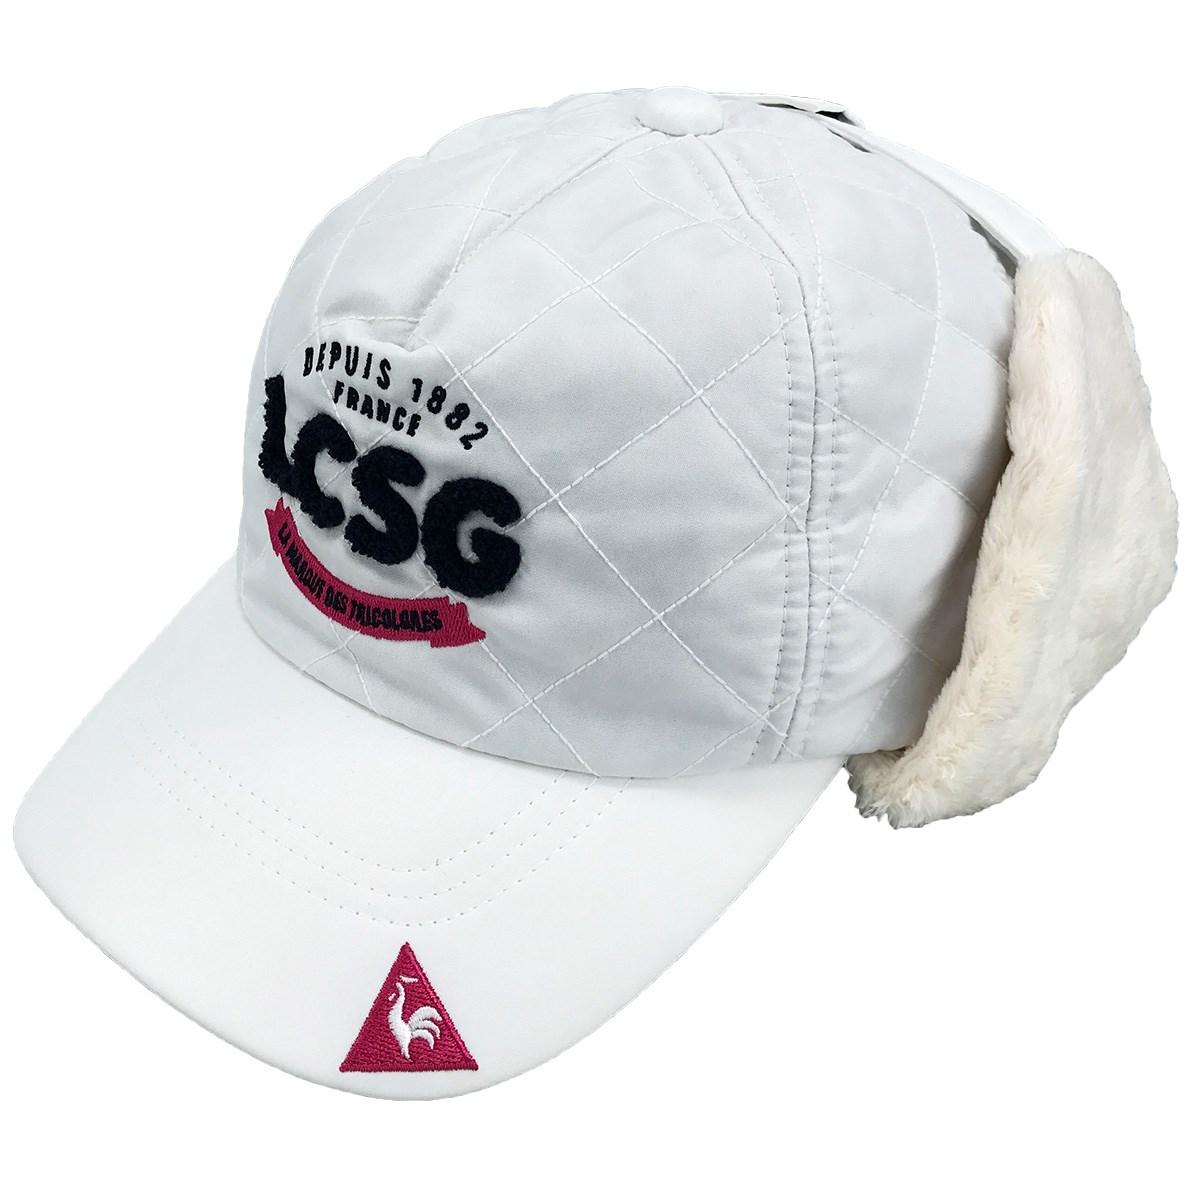 ルコックゴルフ Le coq sportif GOLF 耳当て付きキルトキャップ フリー ホワイト 00 レディス